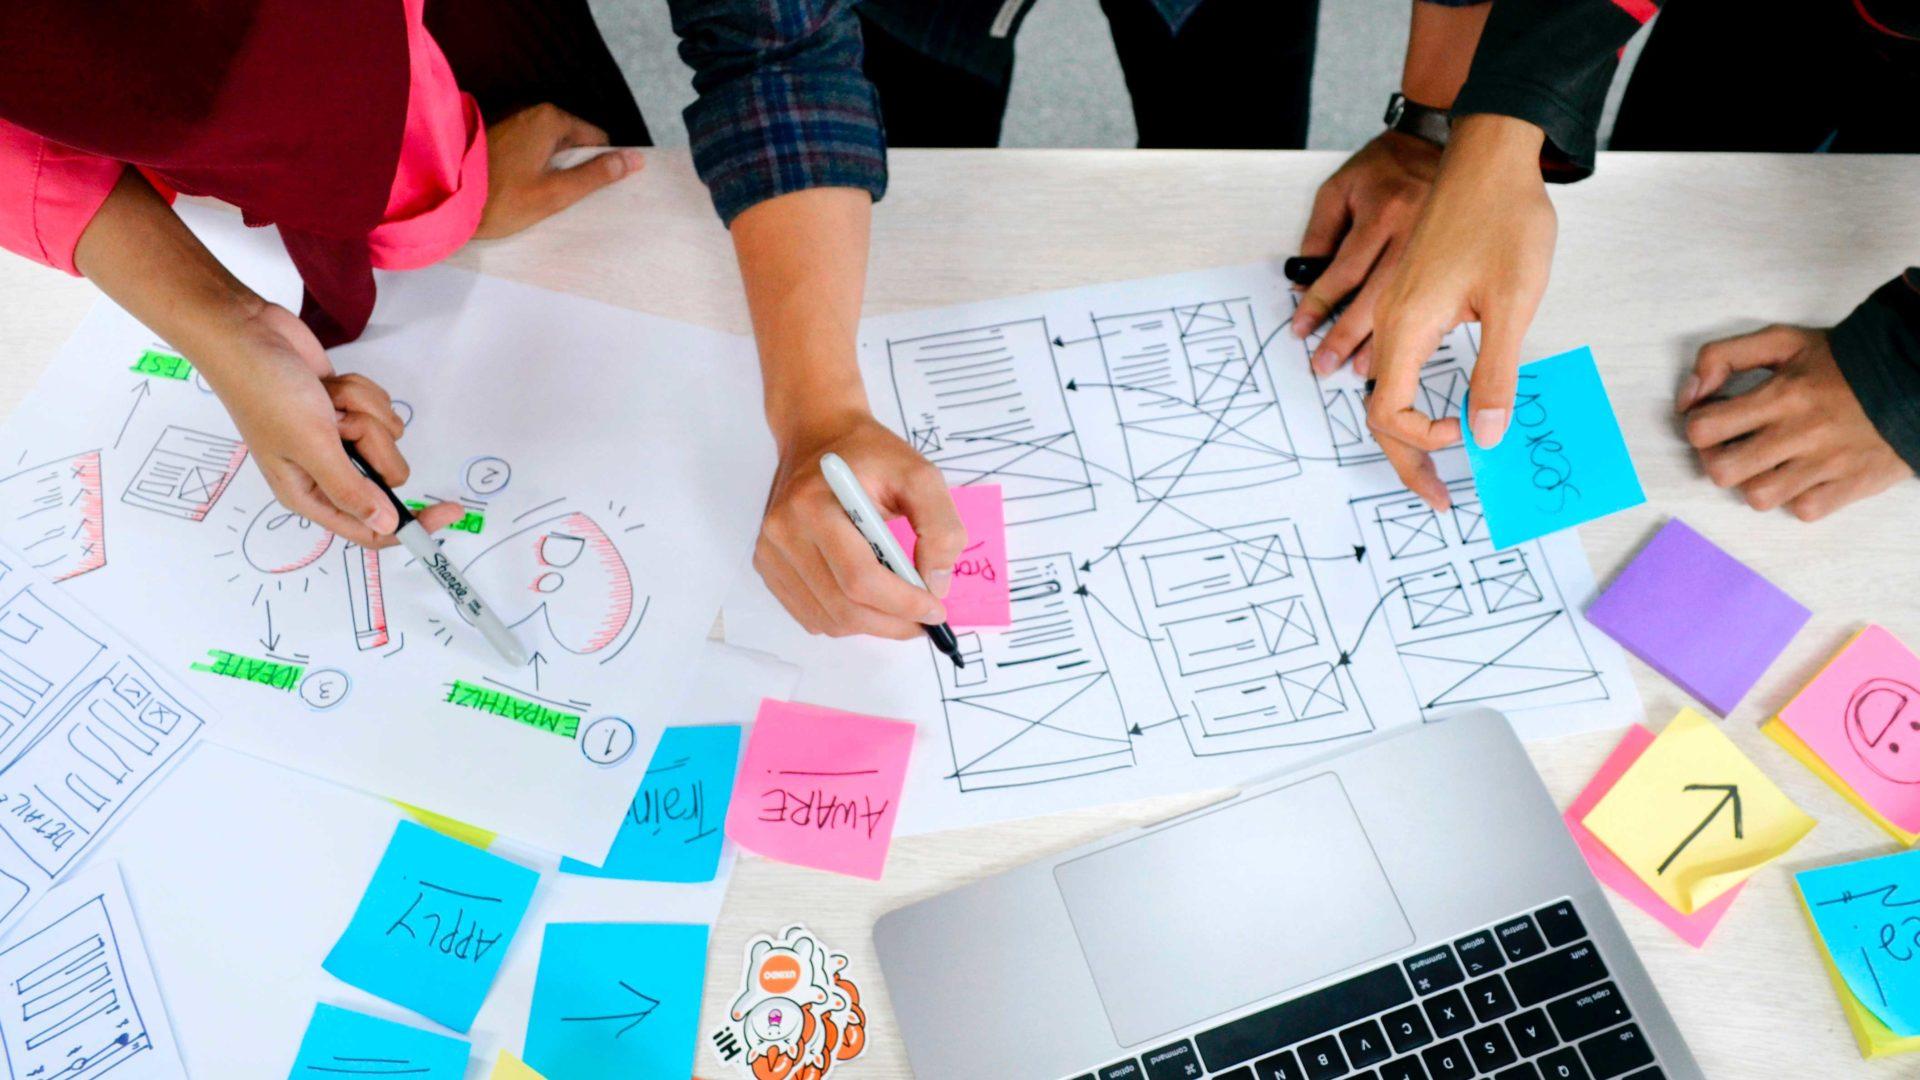 image représentative pour l'article ux en seo de Digital Lead